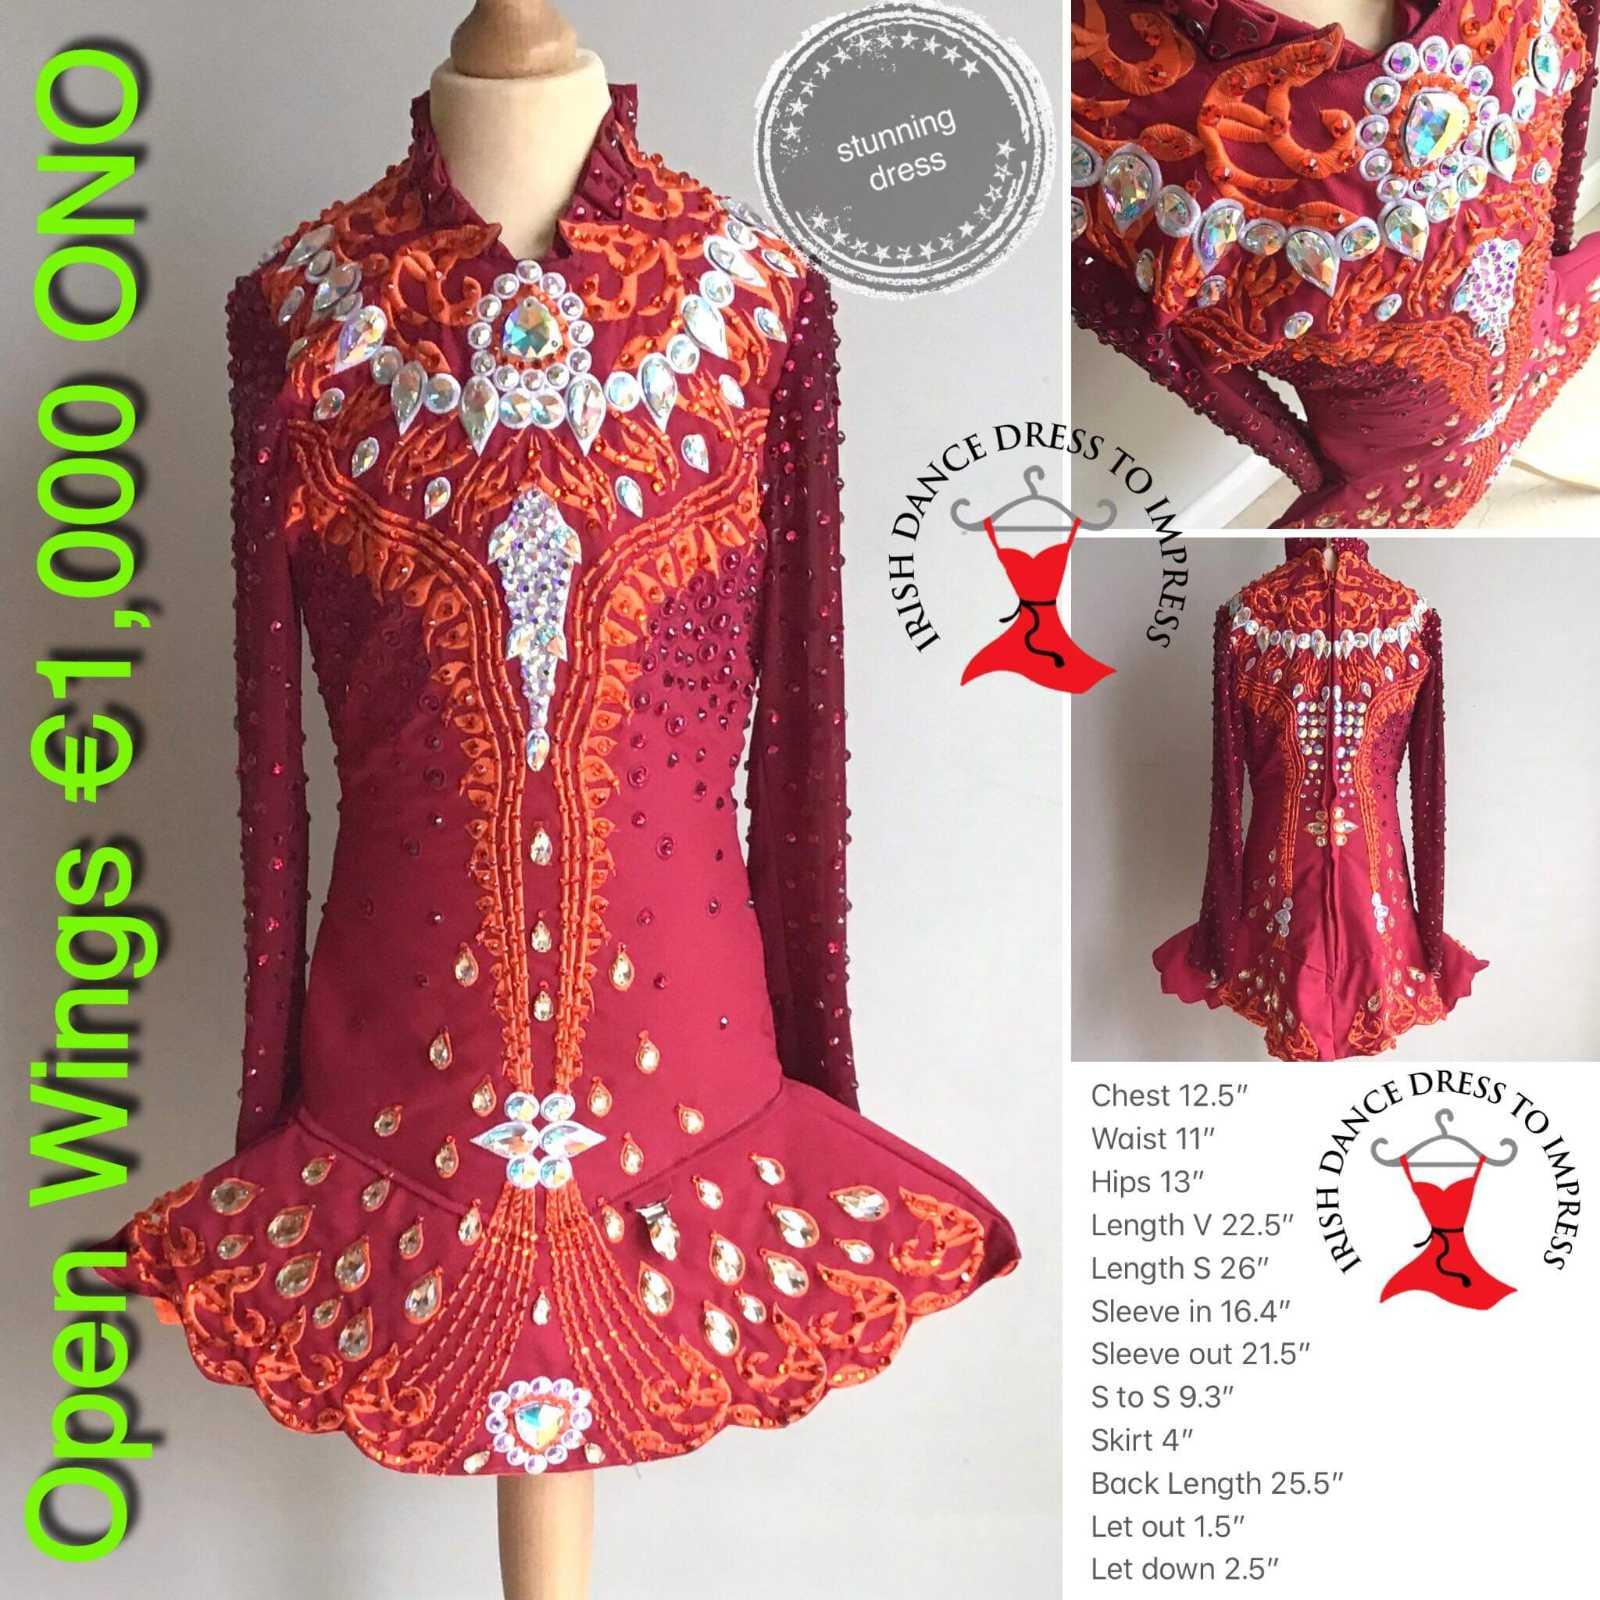 Dress #2625